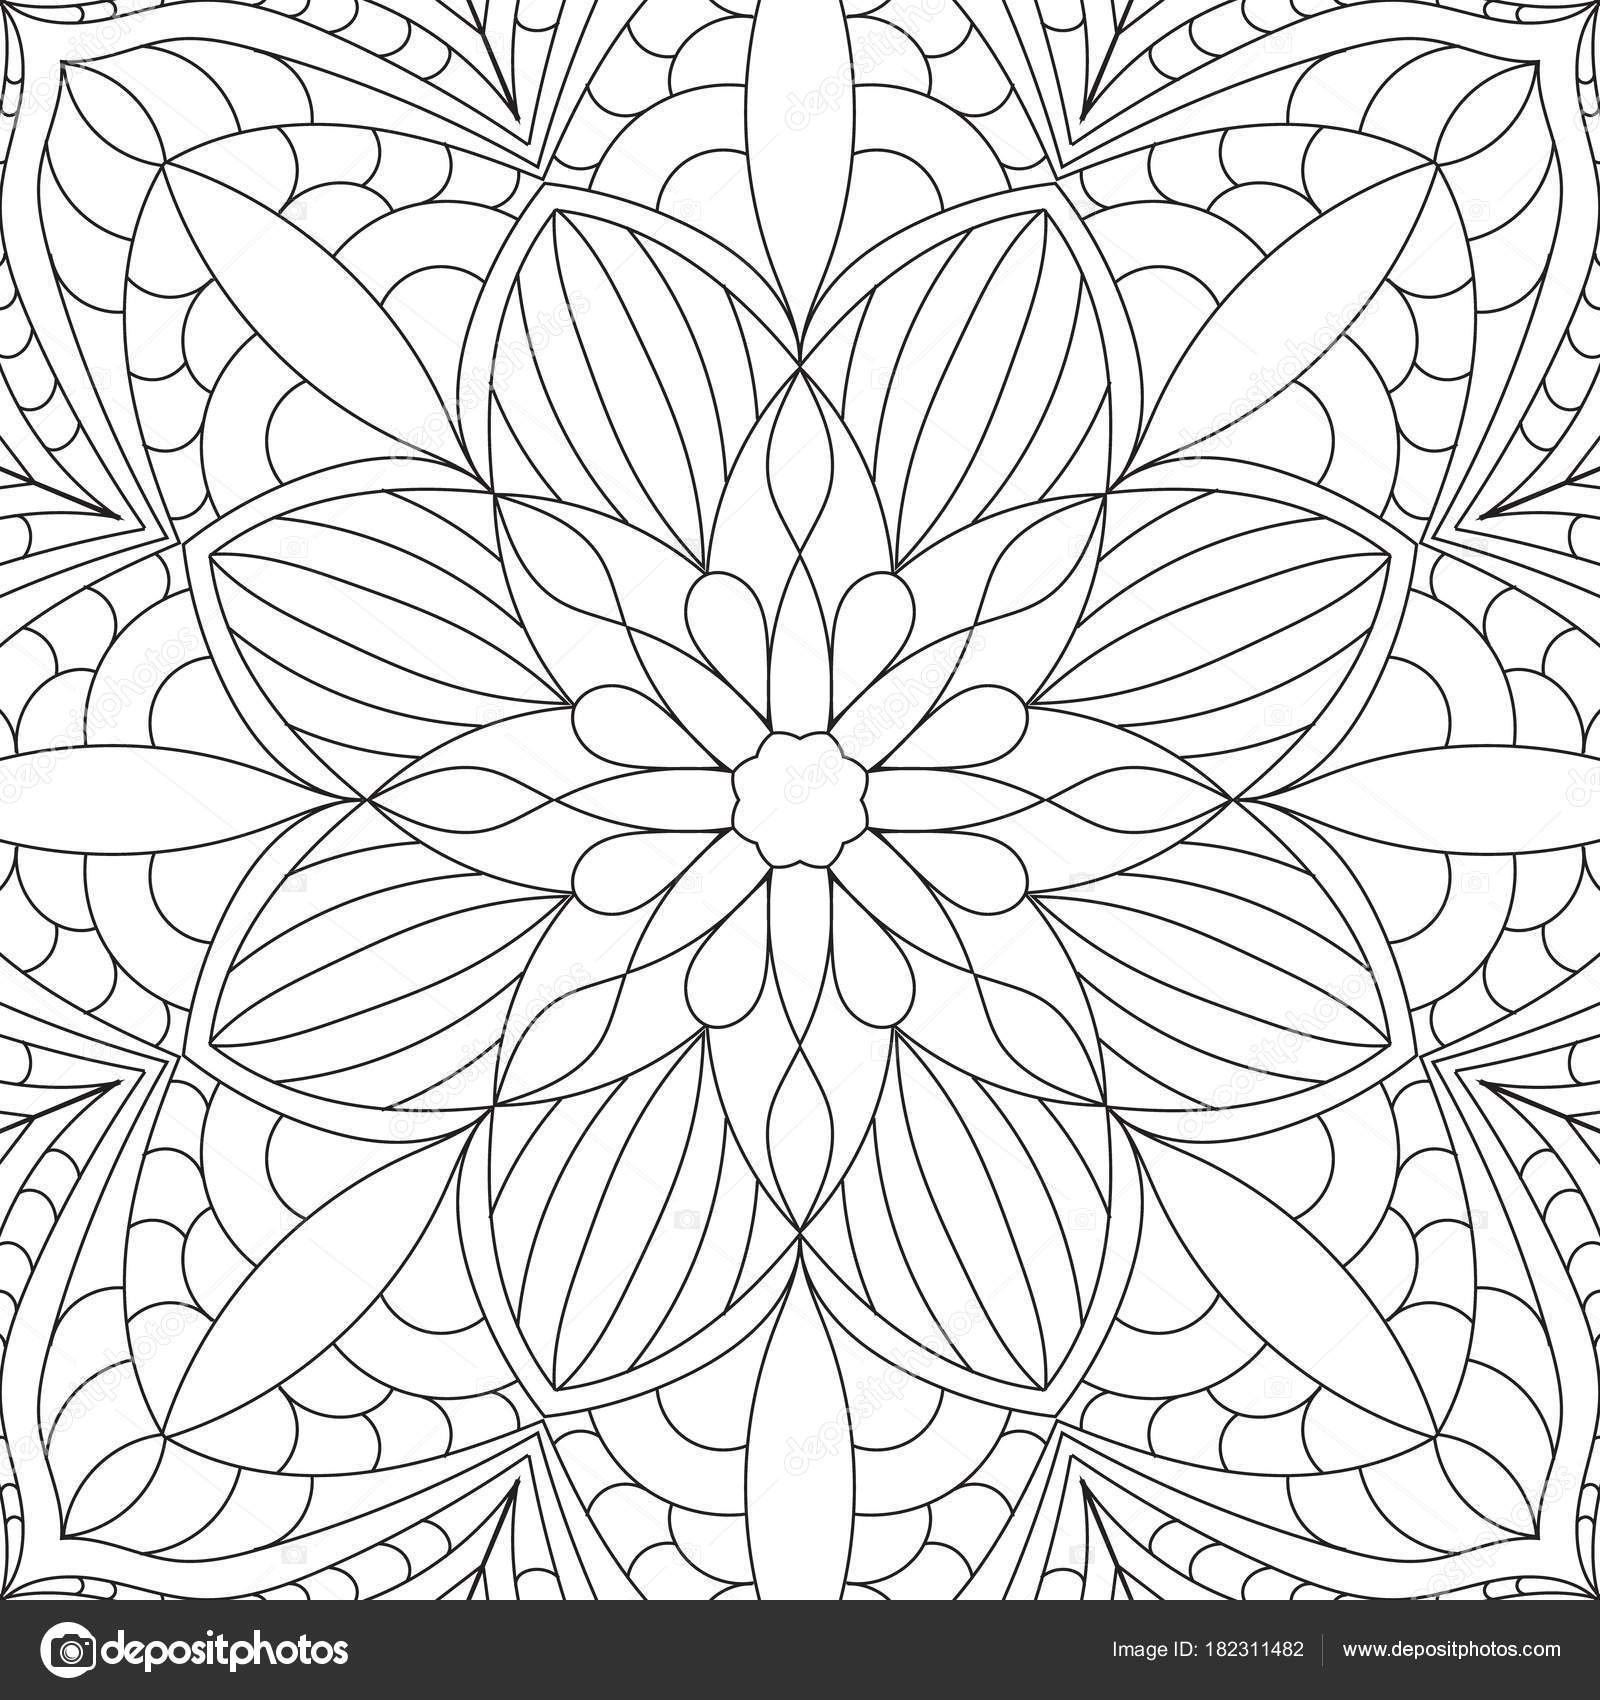 Mandala fiore rettangolare per adulti progettazione di - Pagine da colorare pesci per adulti ...